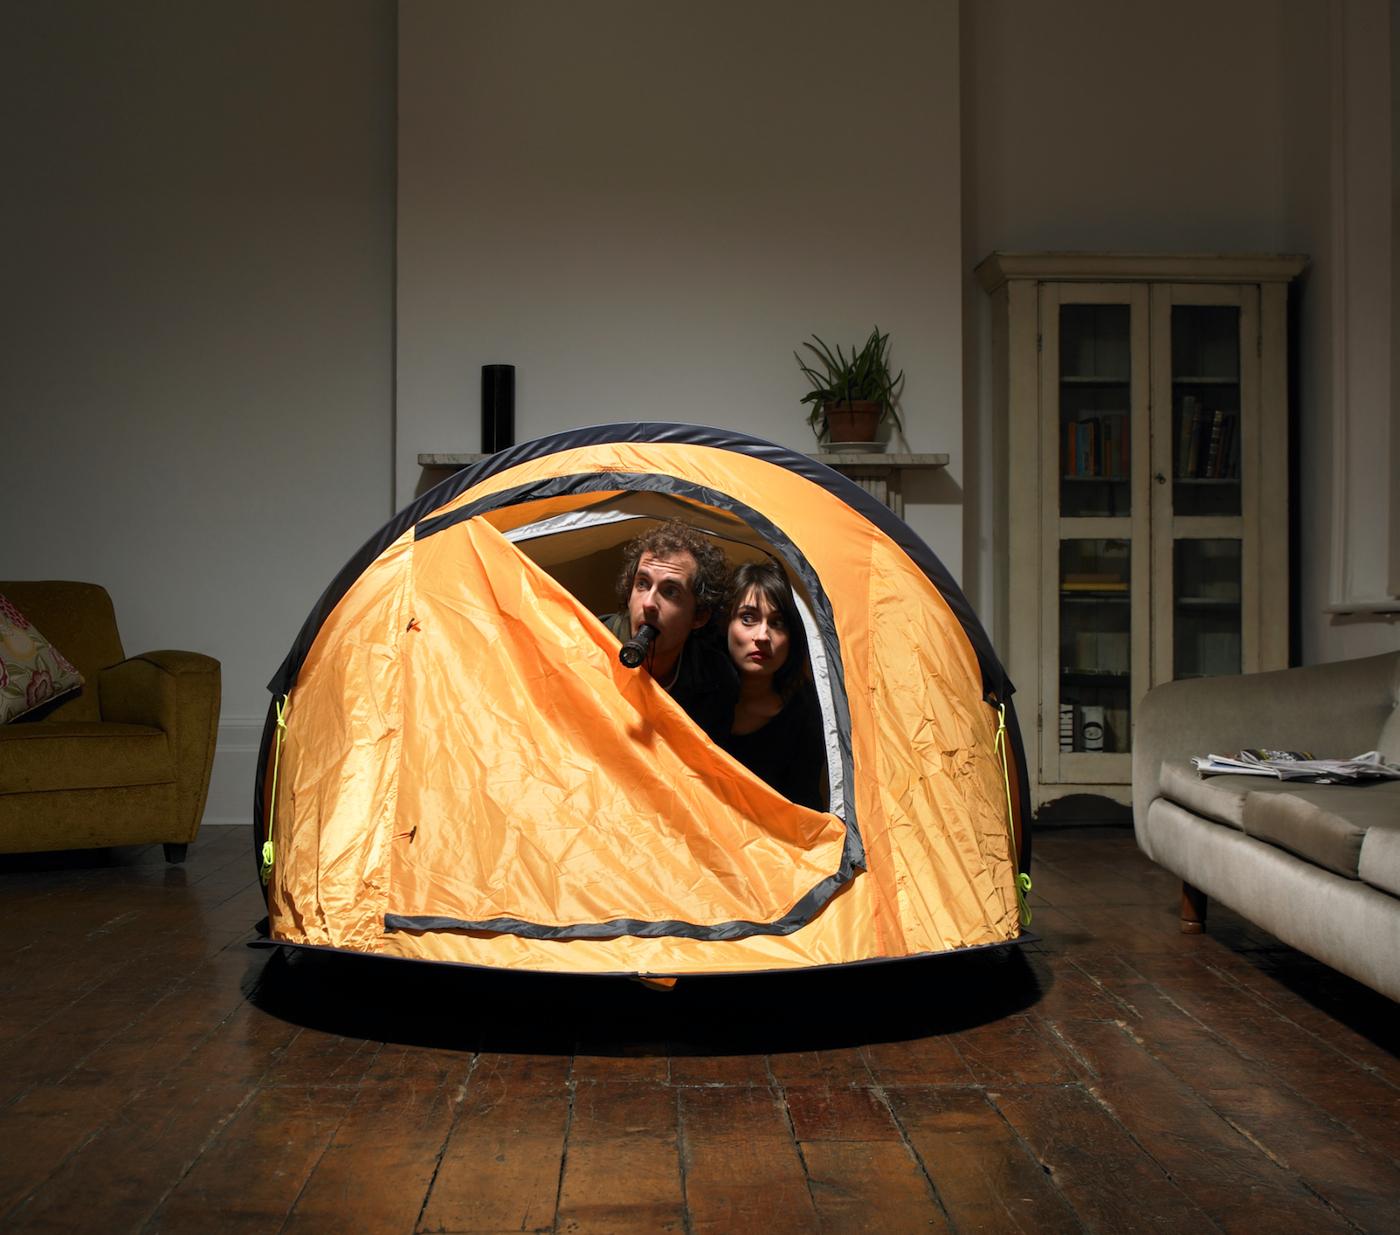 Le camping chez l habitant a vous tente la ruche qui dit oui - Camper chez l habitant ...